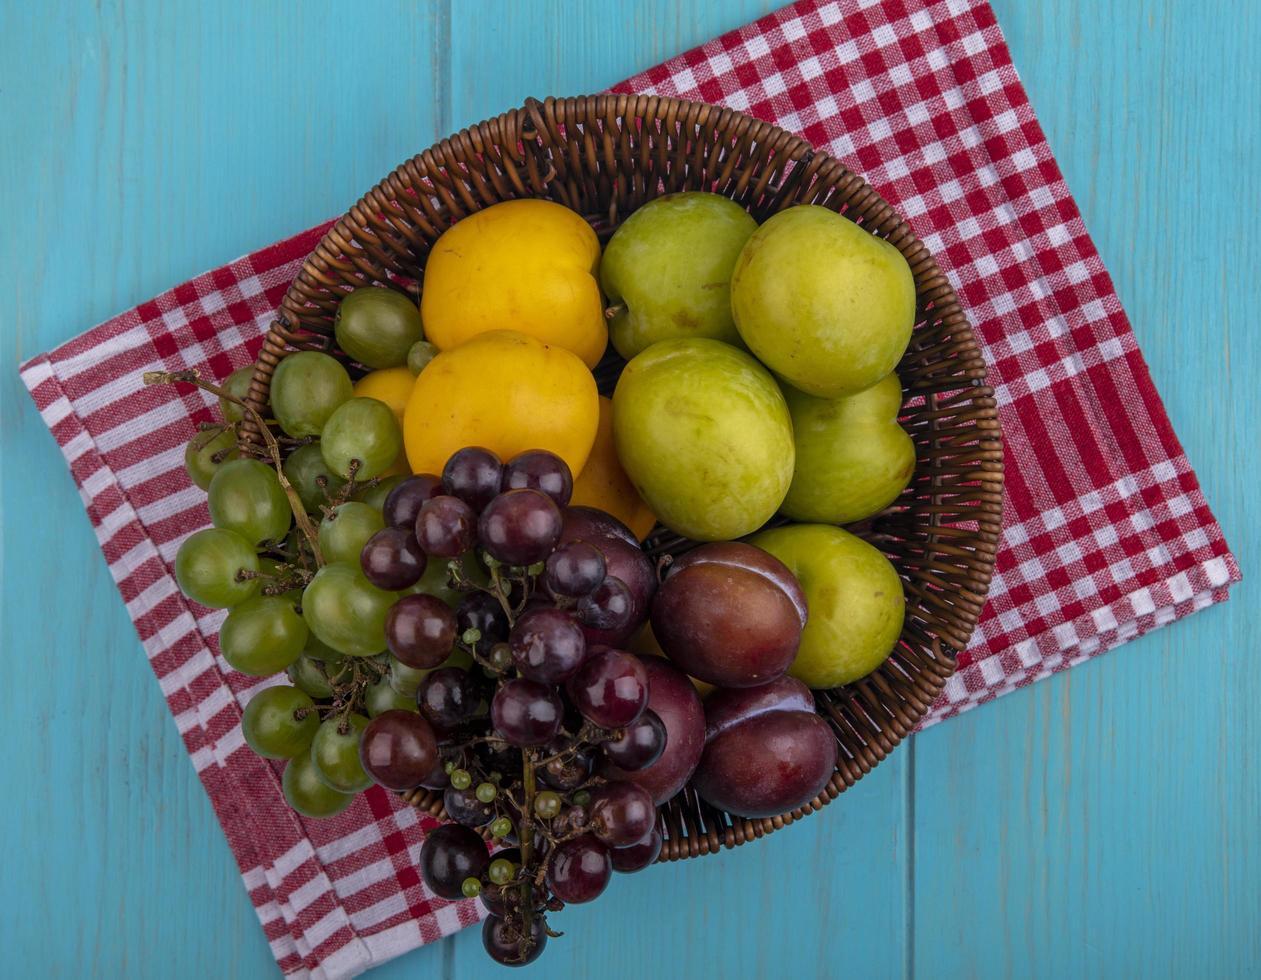 geassorteerde fruit op geruite doek en blauwe achtergrond foto